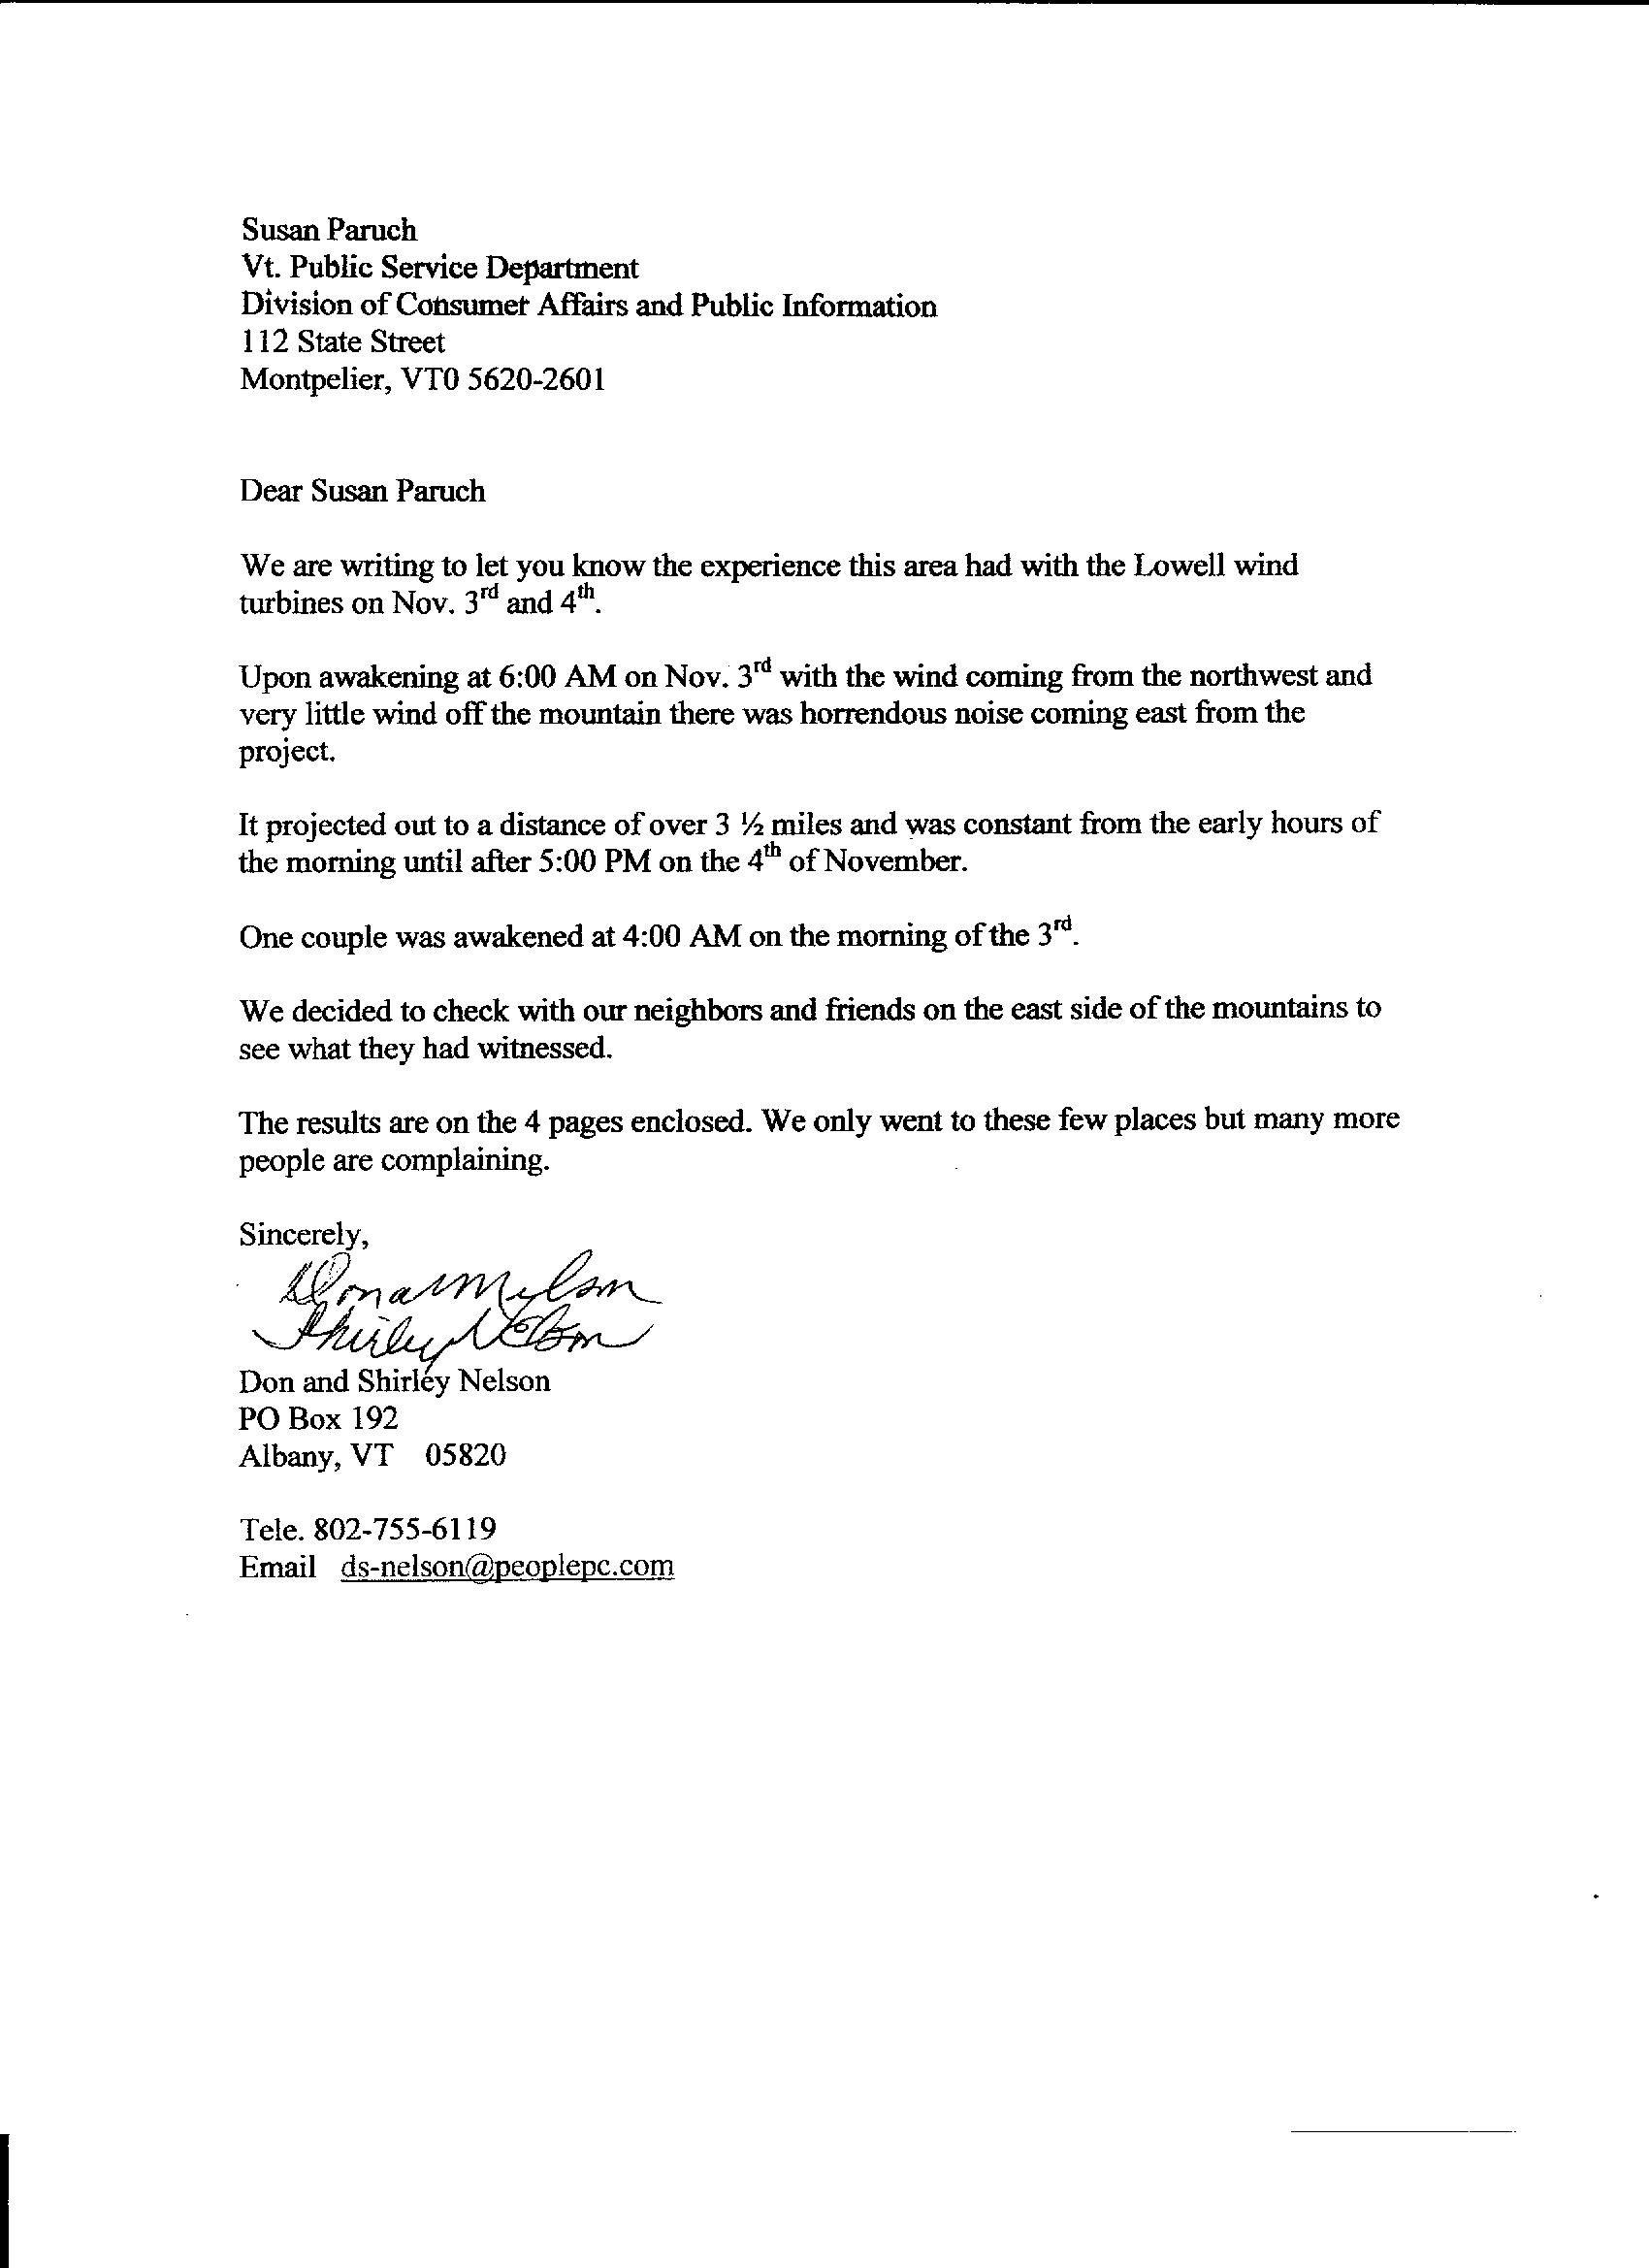 Noise Complaint Letter A